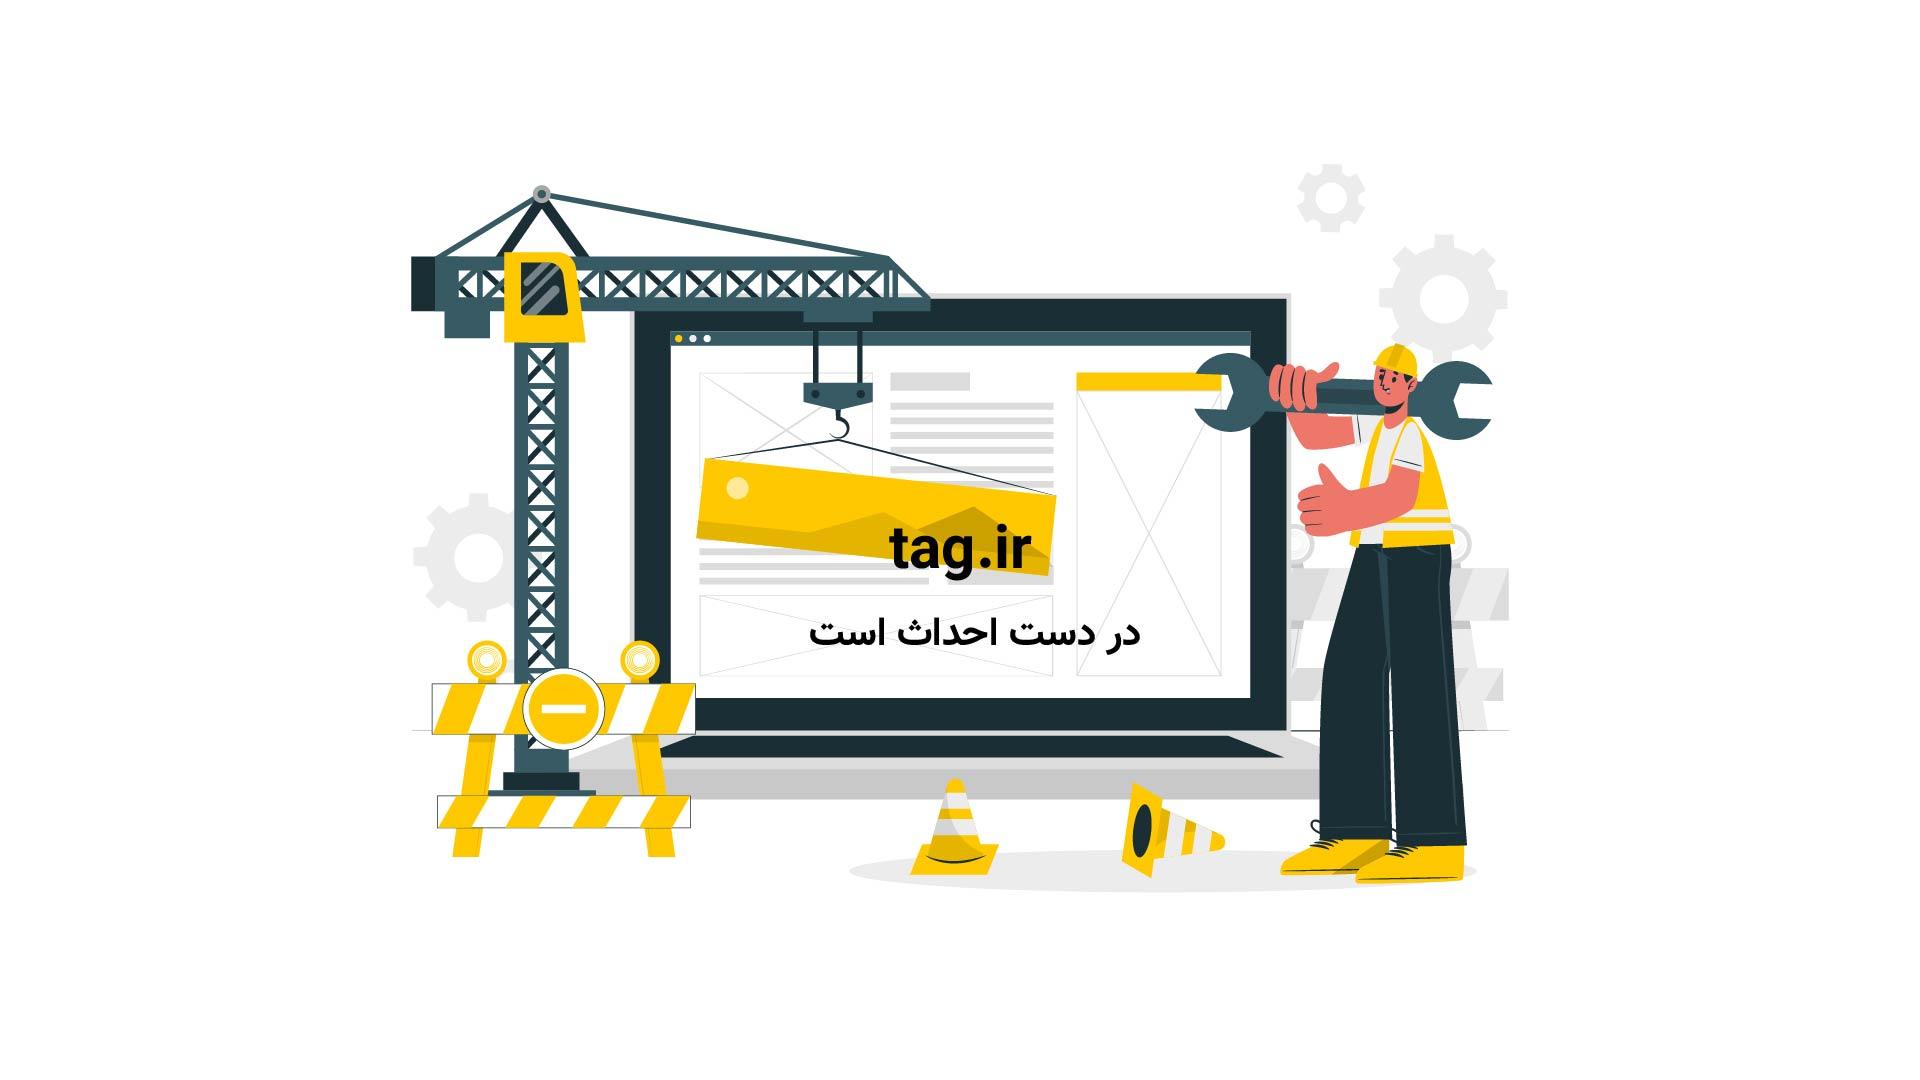 خسرو شکیبایی علی نصیریان شهاب حسینی | تگ